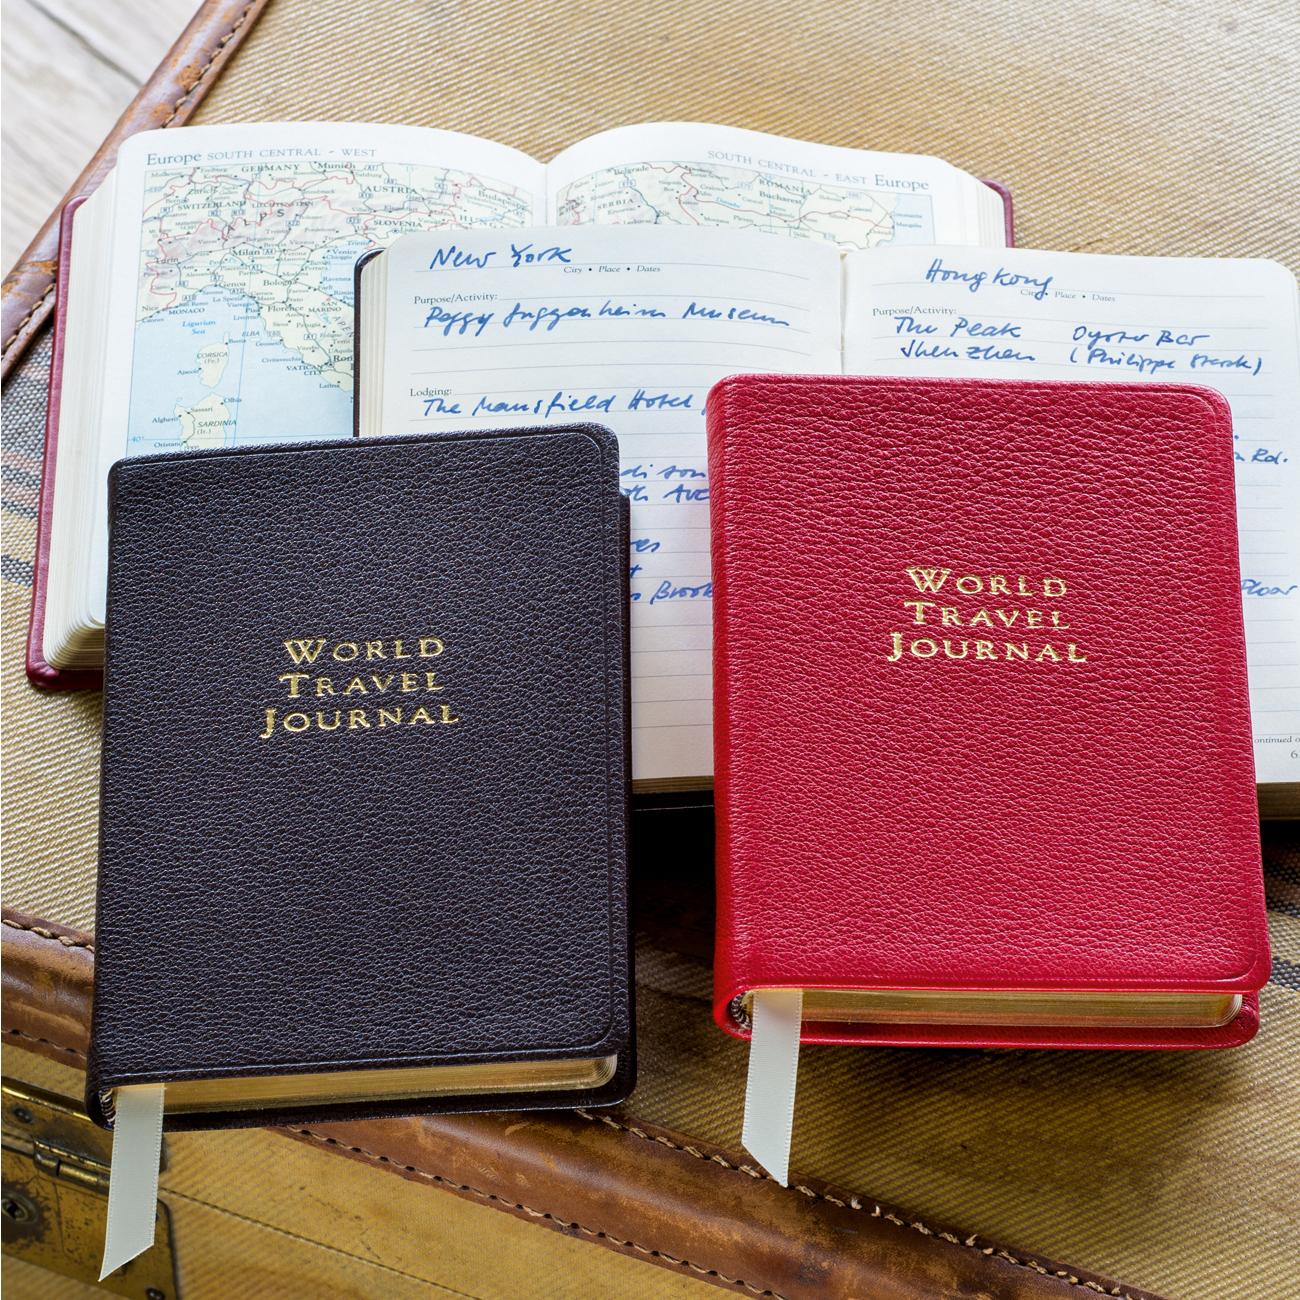 World Travel Journal bei Torquato.de